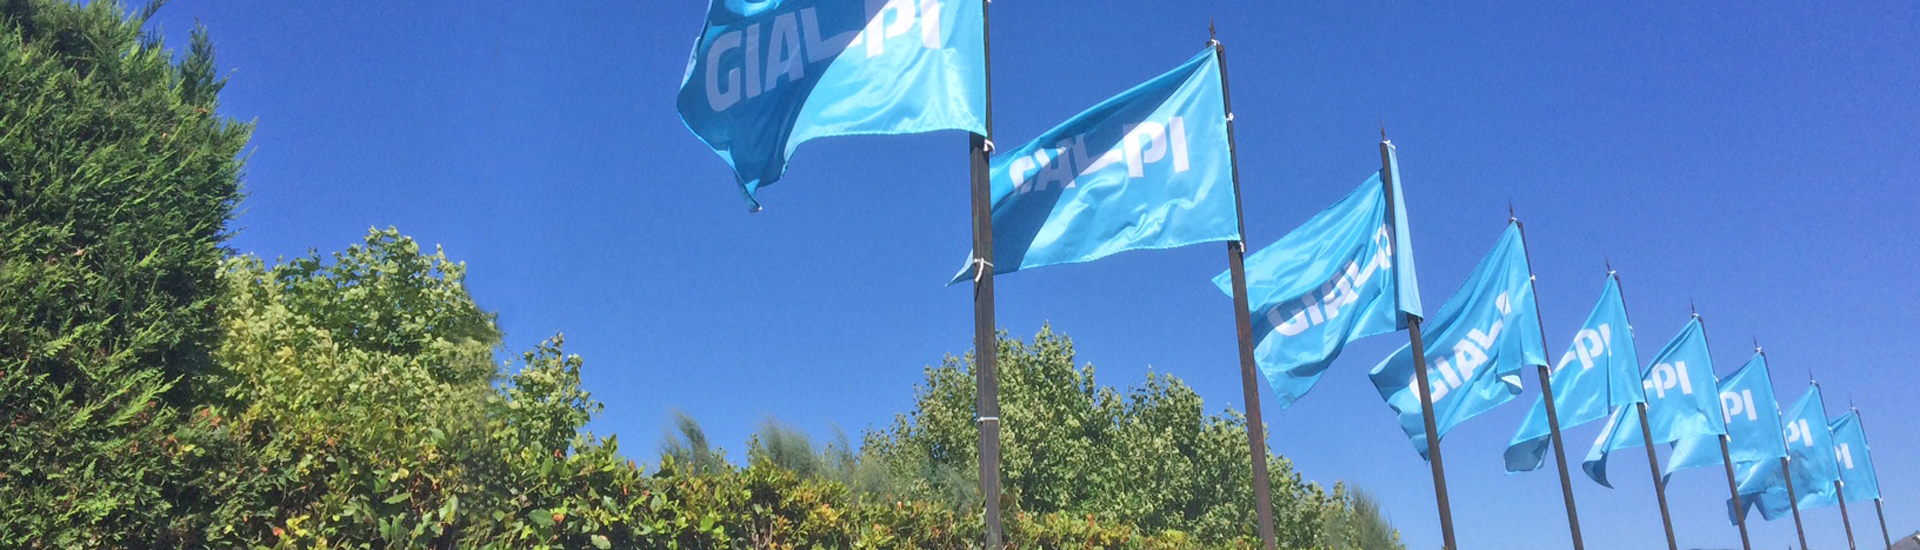 Family-Village-Velia_bandiere-Gialpi-ingresso-villaggio_1920x550_ritoccata